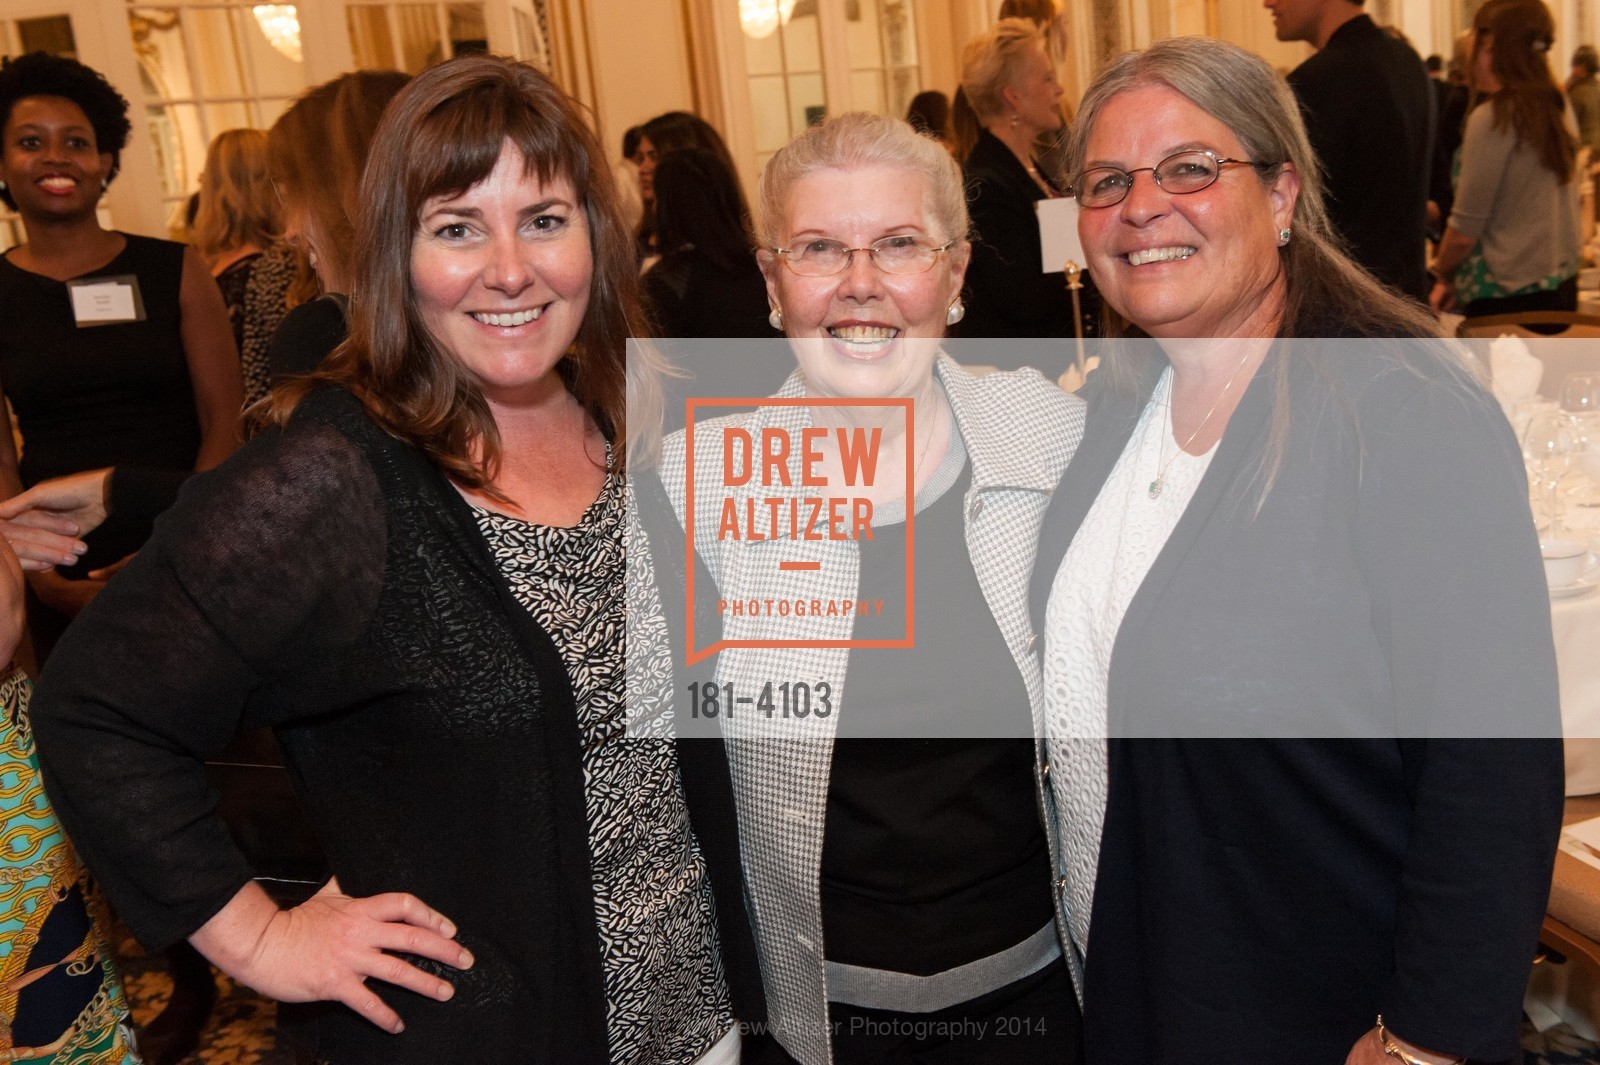 Mikee Gilzea, Pat Gilzea, Suzi Schaffert, Photo #181-4103